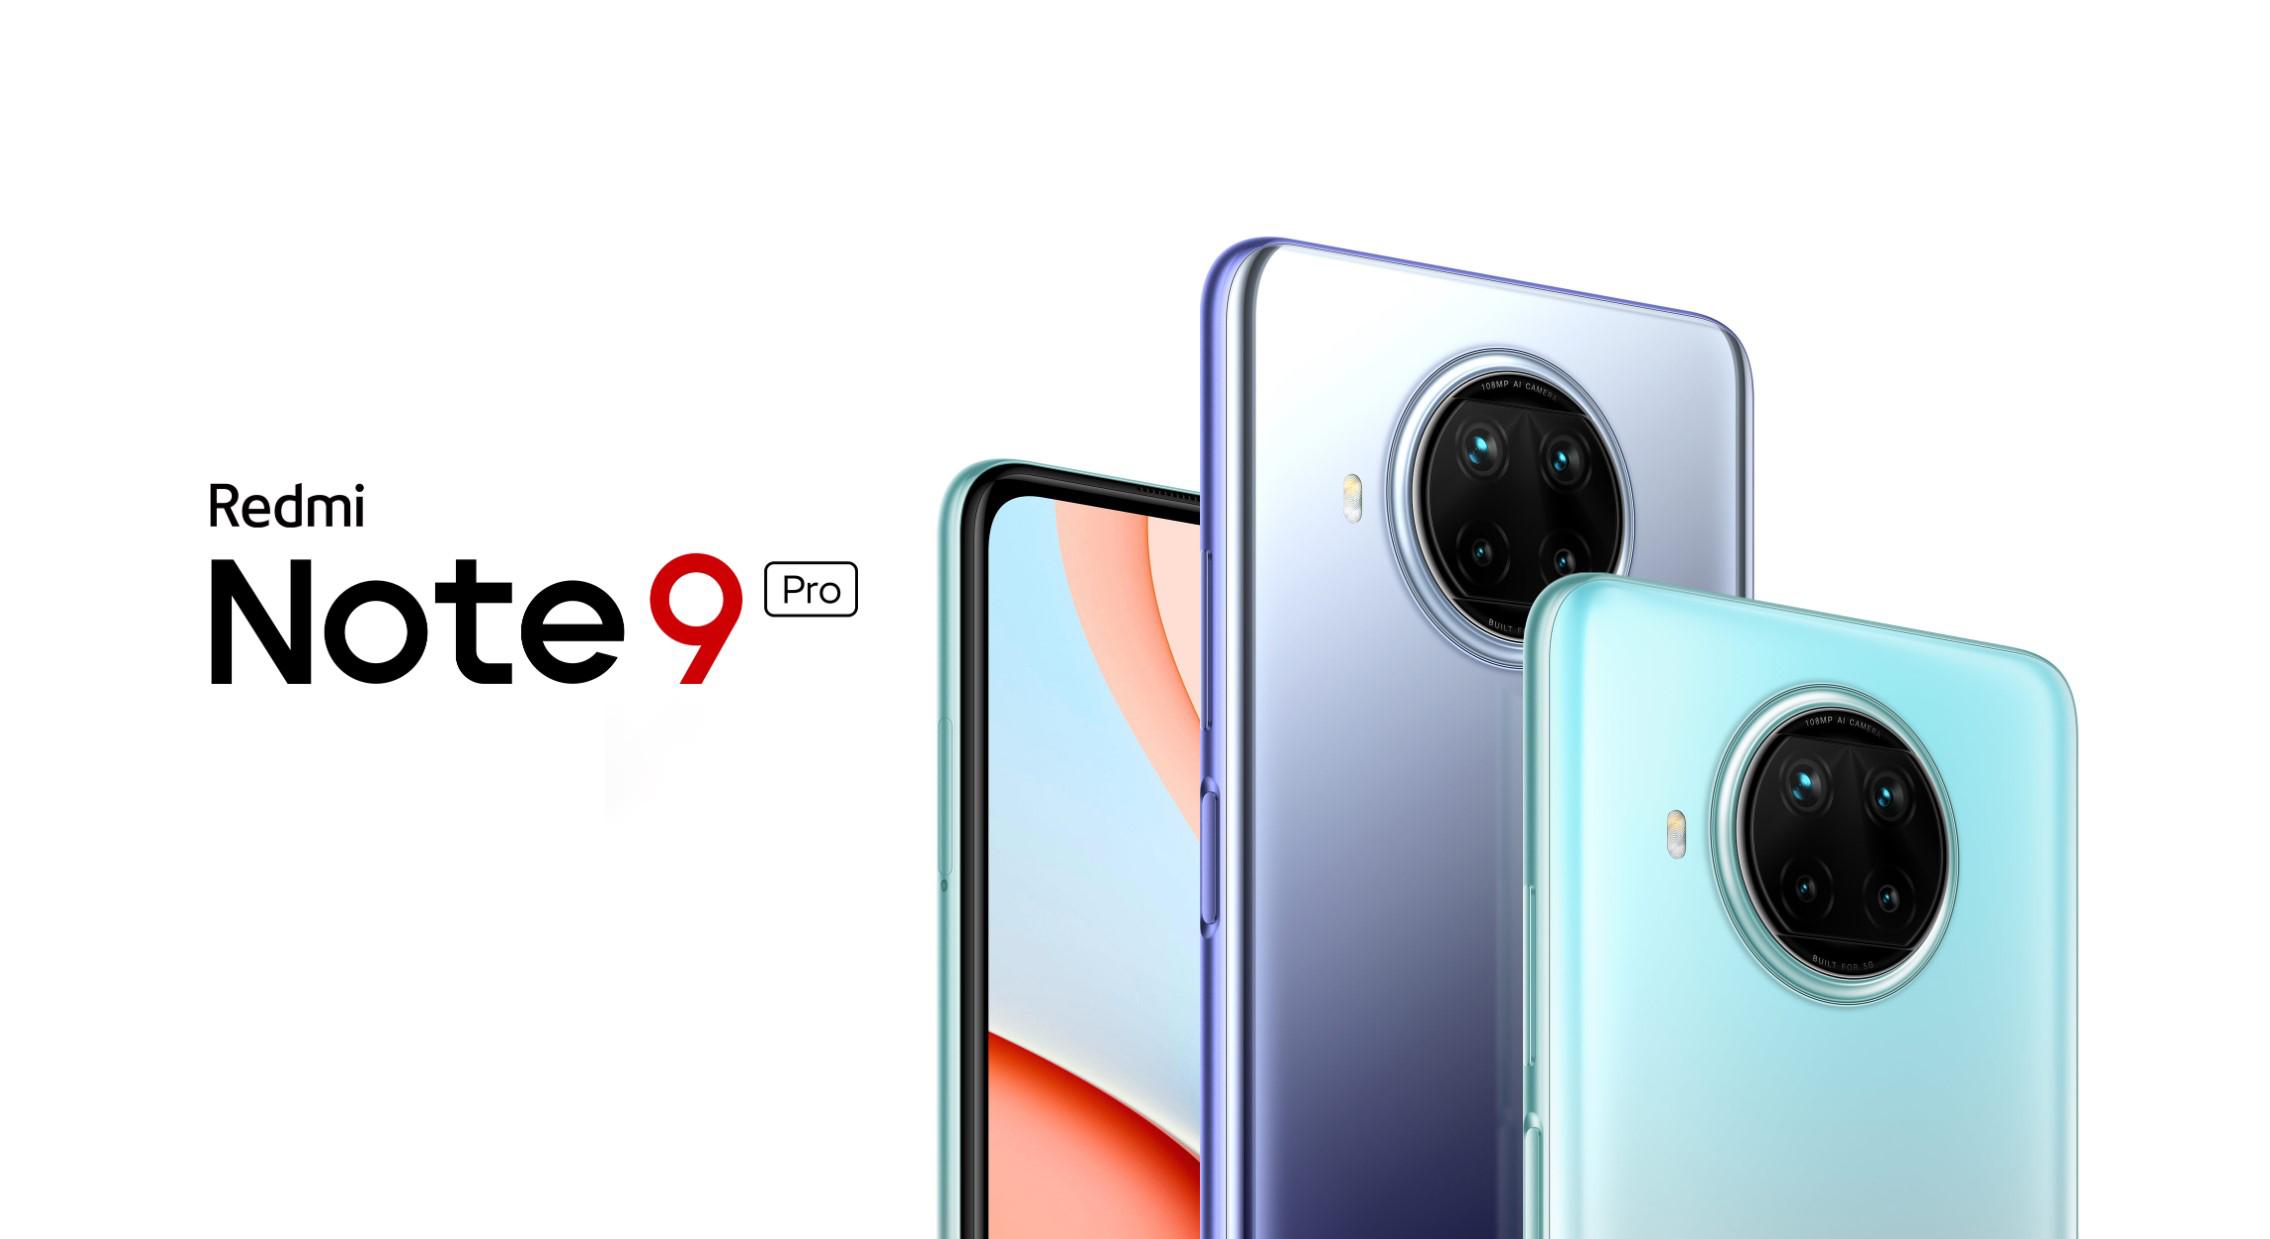 Redmi představilo Note 9 5G a Note 9 5G Pro